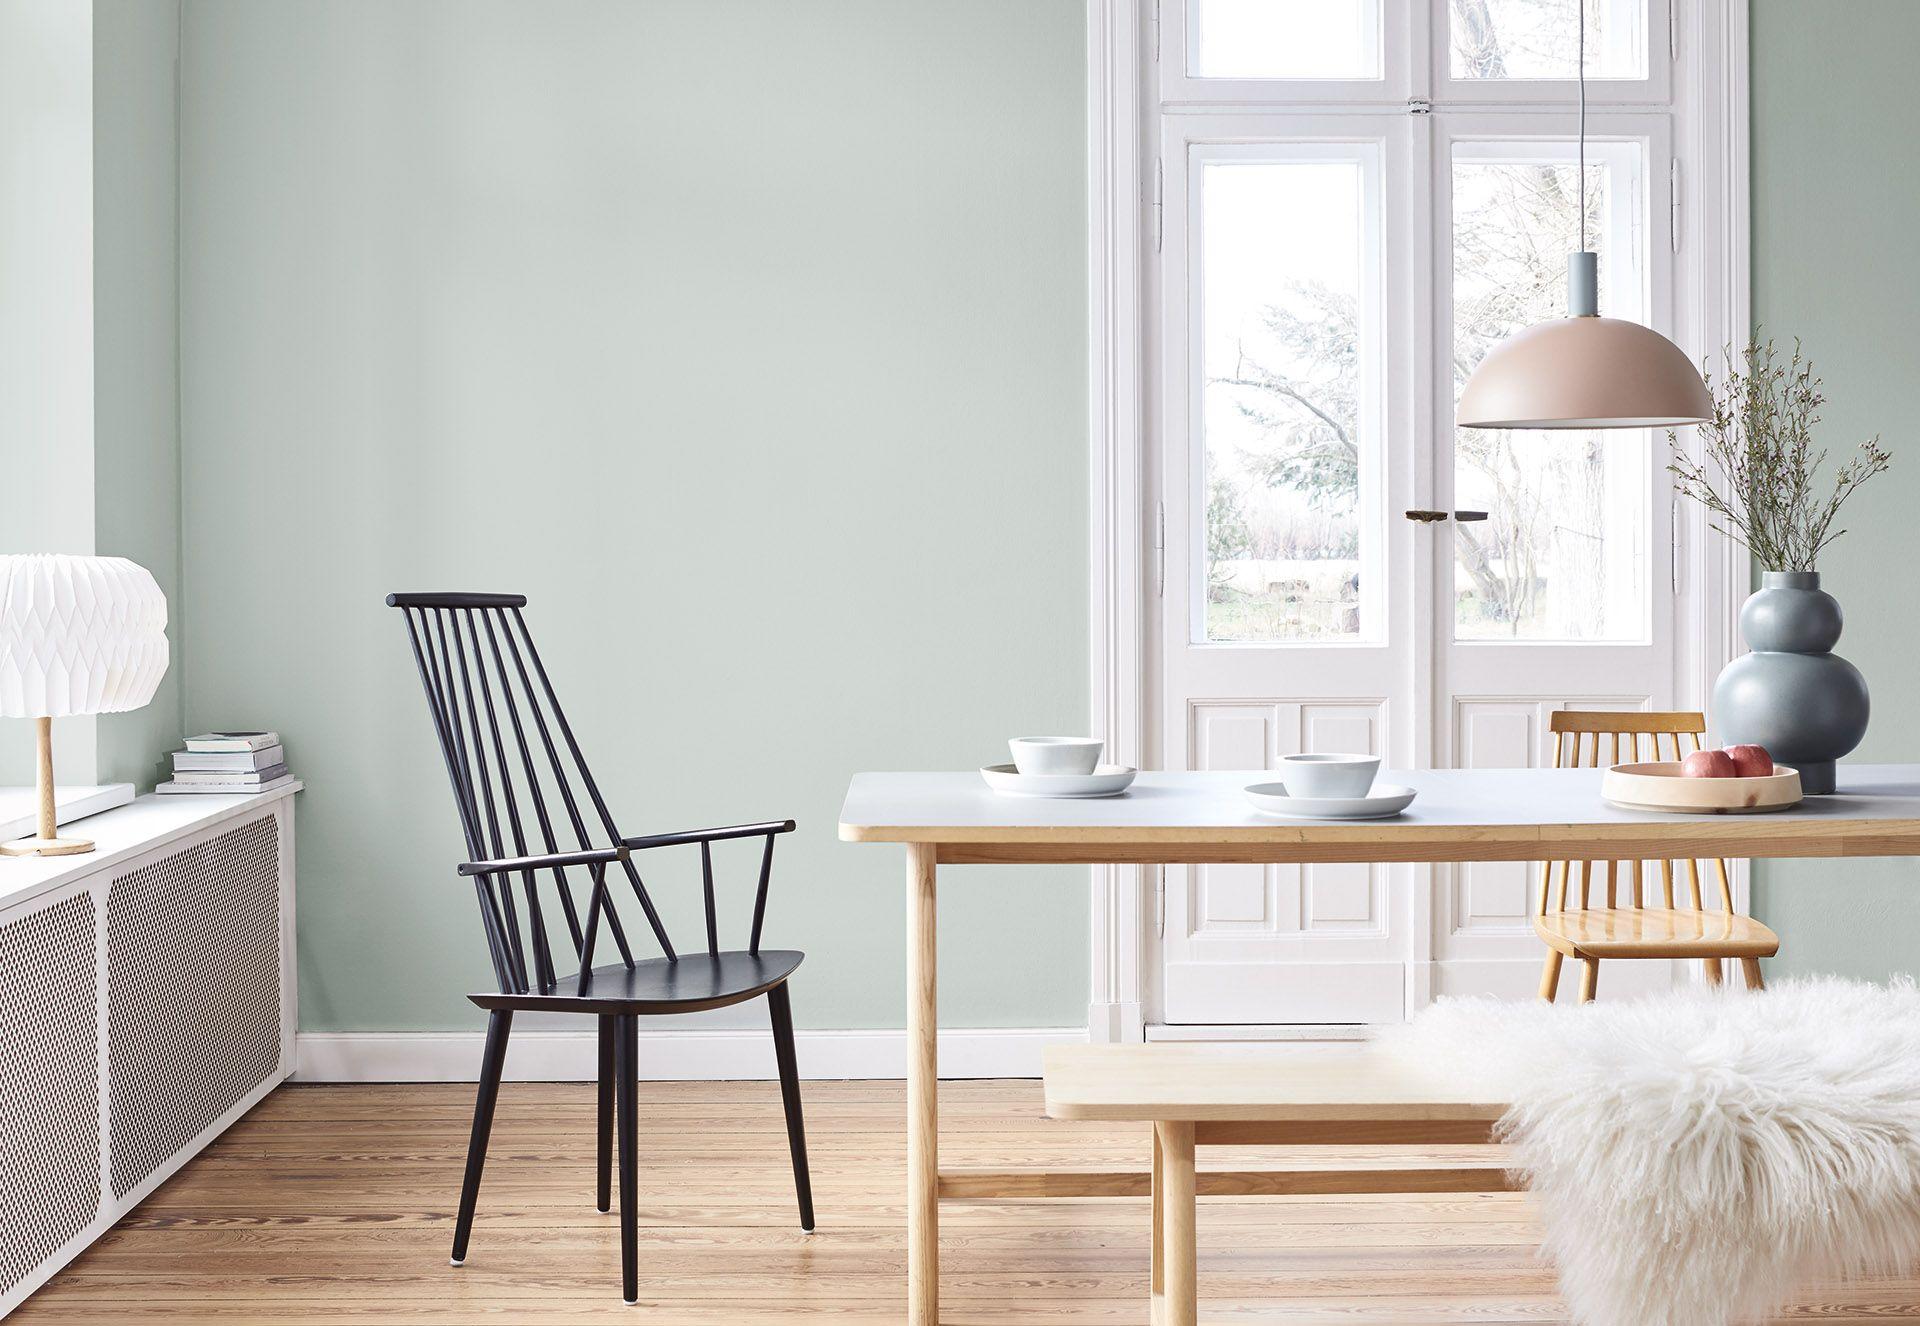 Feine Farben In 2020 Home Decor Home Decor